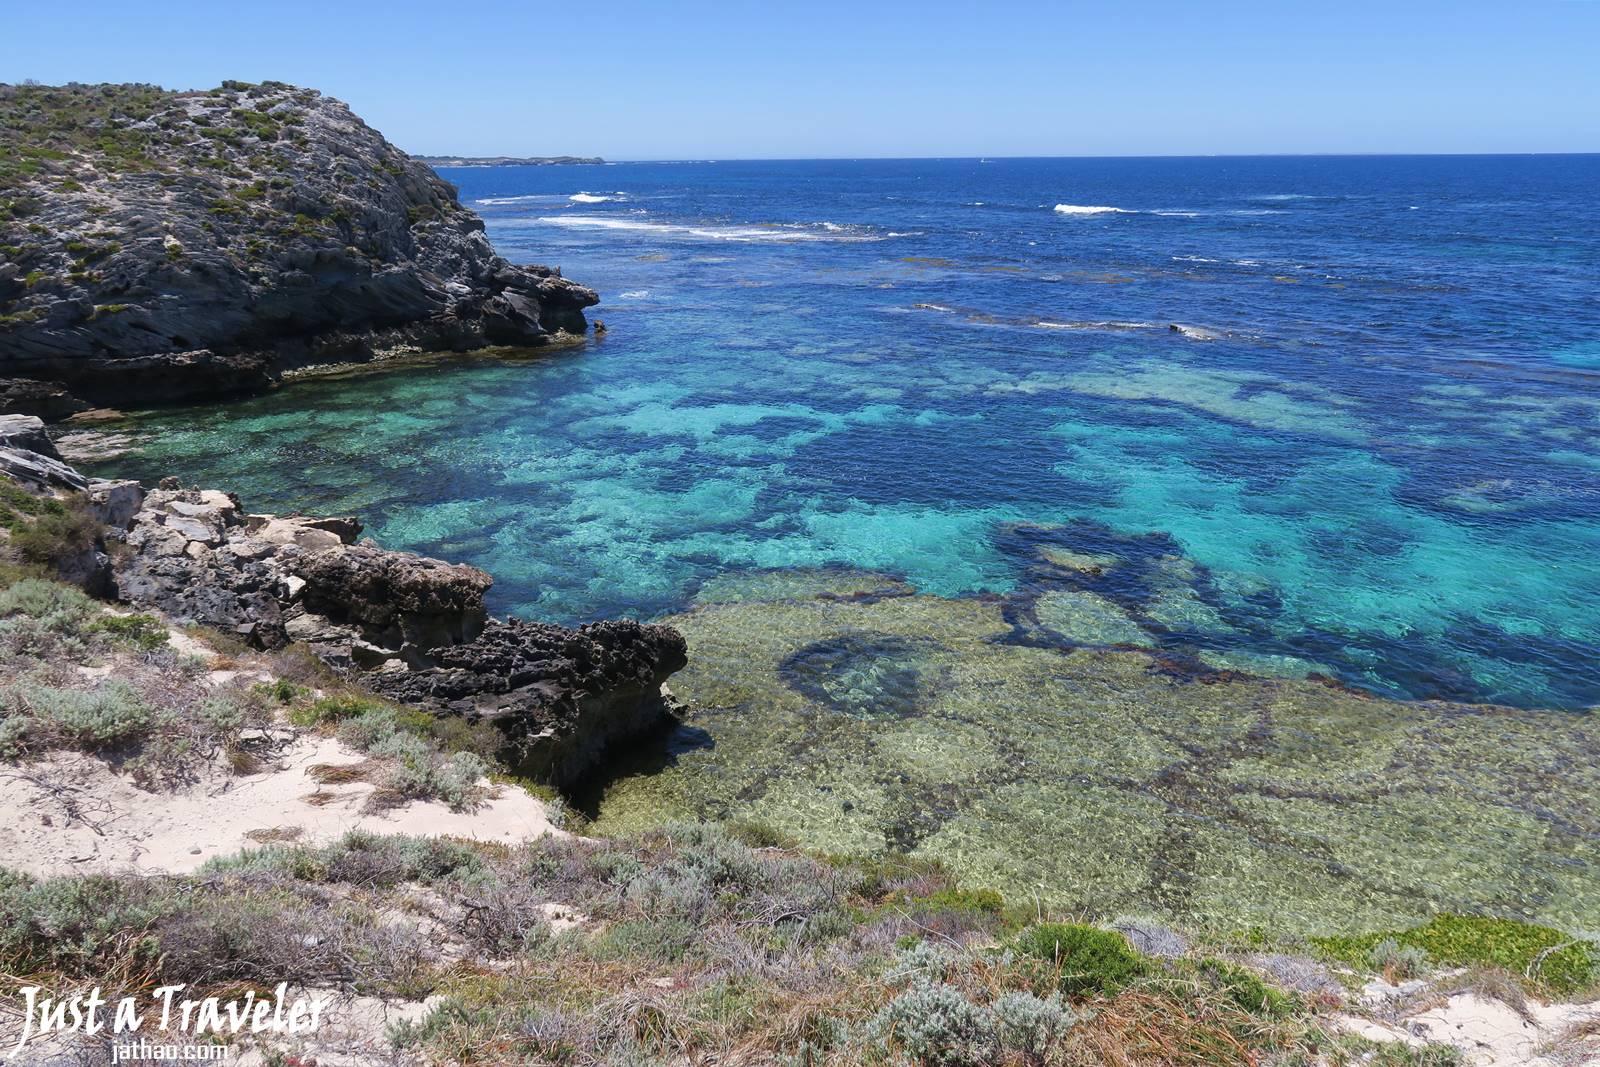 澳洲-西澳-伯斯-景點-羅特尼斯島-Rottnest Island-浮潛-海灘-推薦-自由行-交通-旅遊-遊記-攻略-行程-一日遊-二日遊-必玩-必遊-Perth